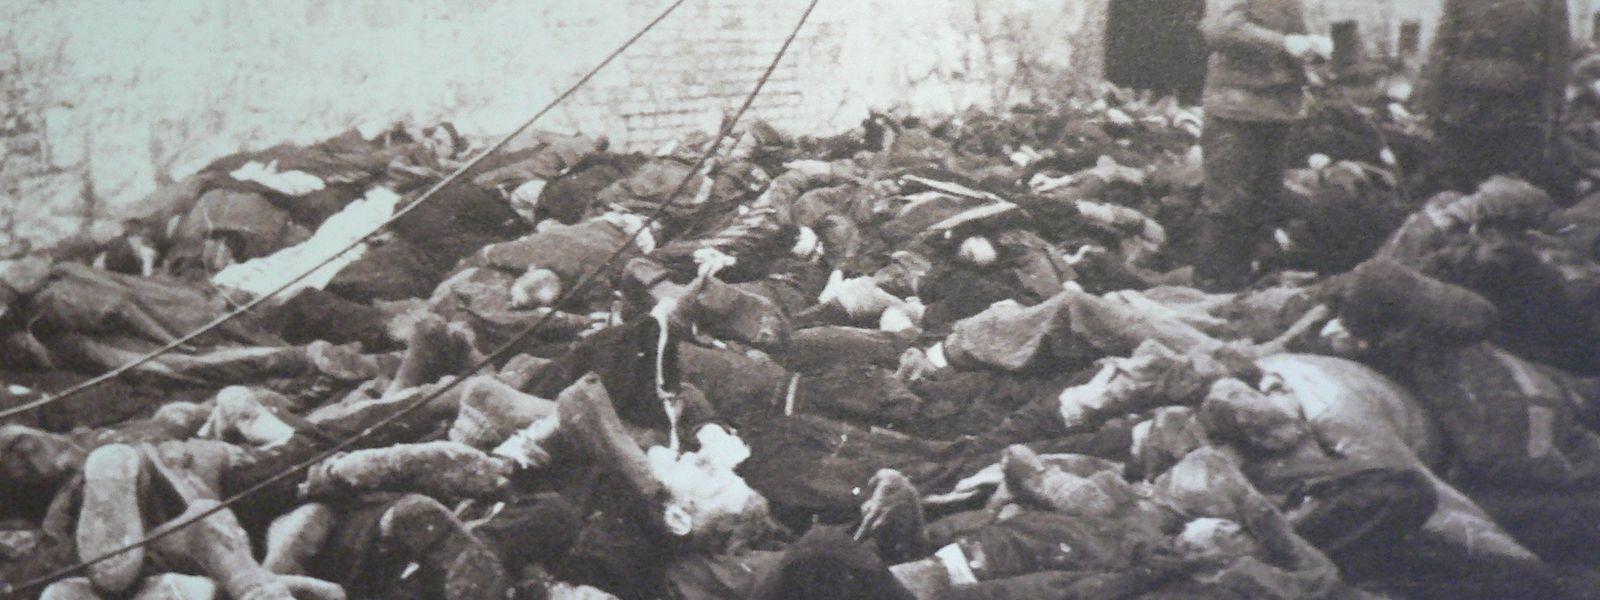 Sowjetische Soldaten vor dem Leichenberg der Tage zuvor ermordeten Sonnenburg-Insassen.